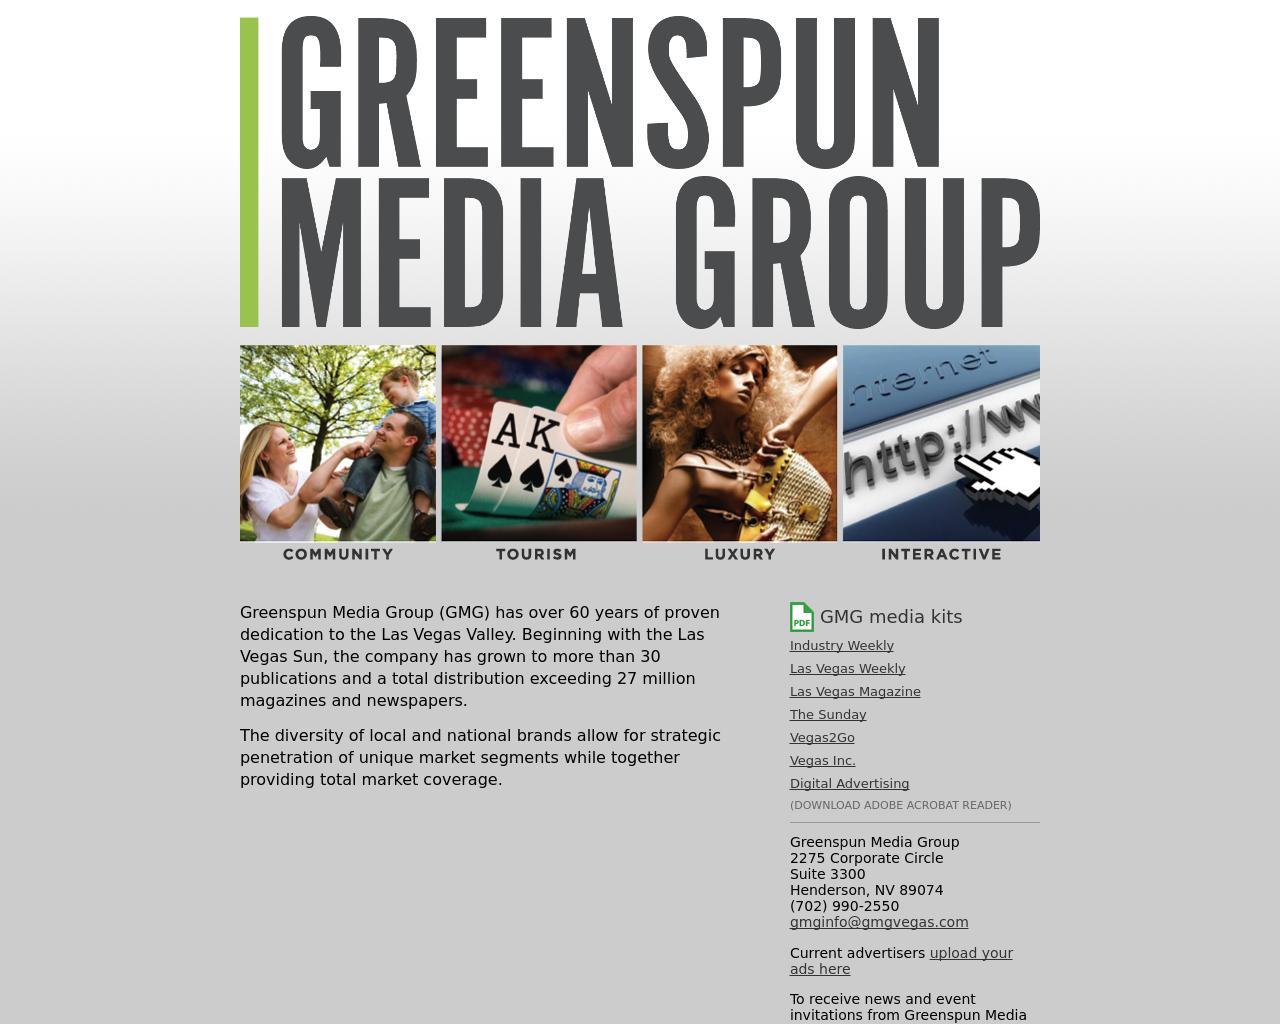 Greenspun-Media-Group-Advertising-Reviews-Pricing